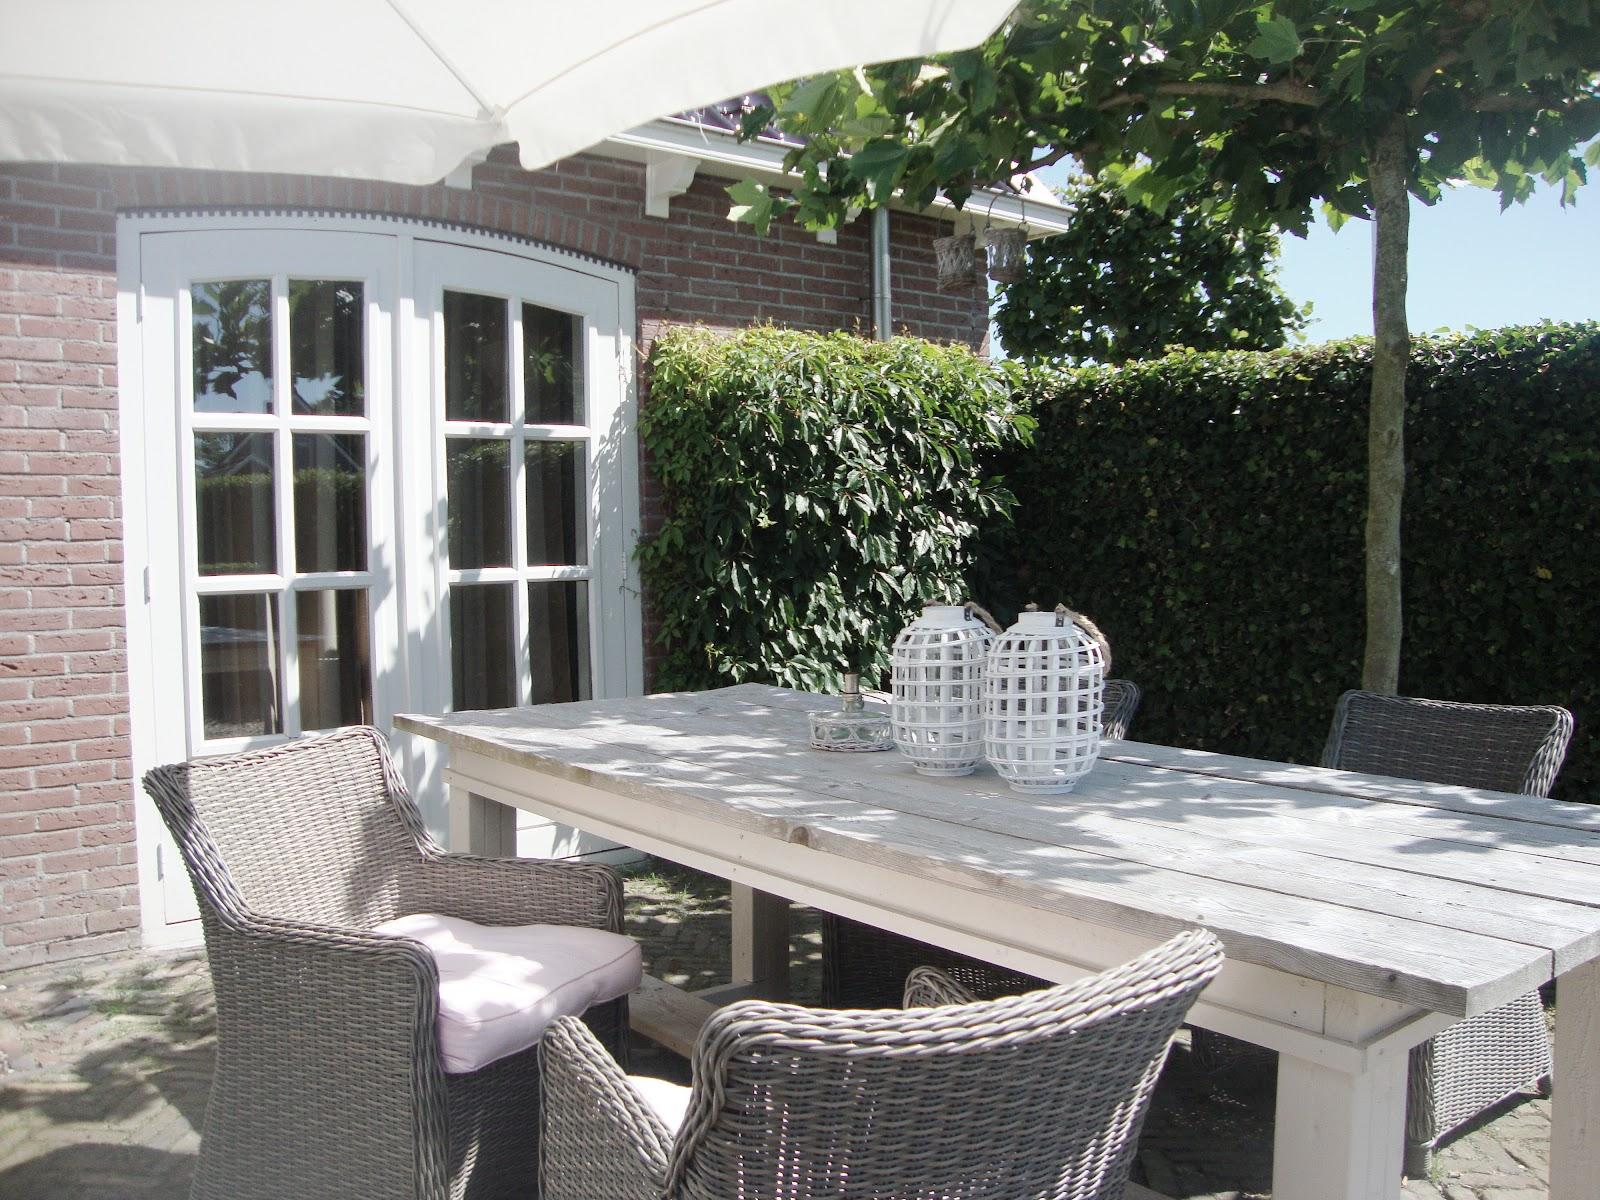 Landelijk wonen ontbijt op zonnig terras for Terras decoratie